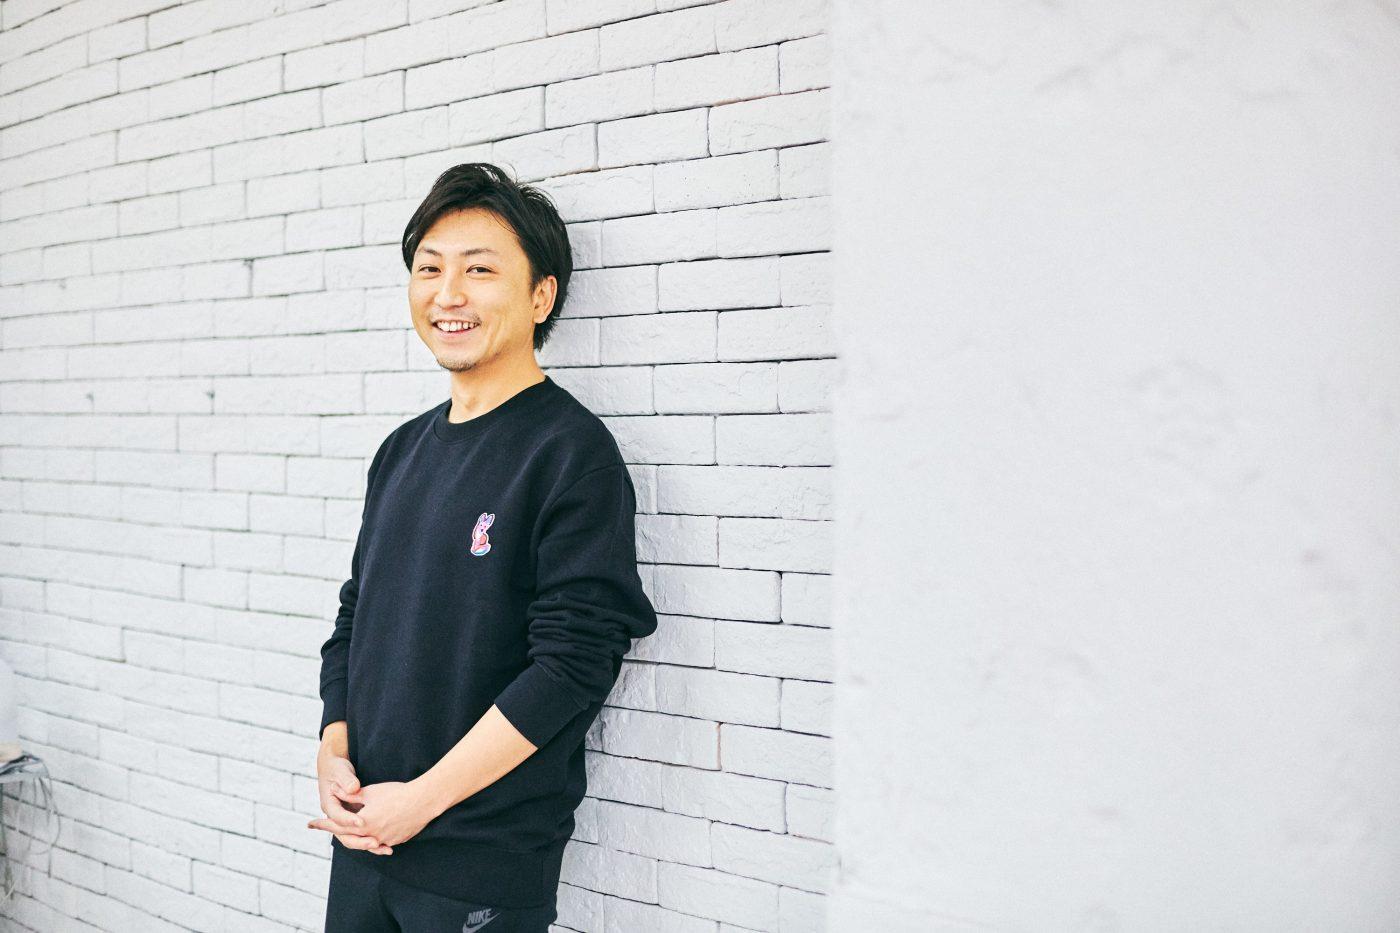 エンジェル投資家としての活動を続ける傍で、赤坂氏は新しい実験も始めている。ストリートファッションブランド「wind and sea(ウィンダンシー)」の立ち上げだ。個人でもサービスを生み出せる時代であることに注目し、その知見を得るためにもブランドの立ち上げに携わったという。